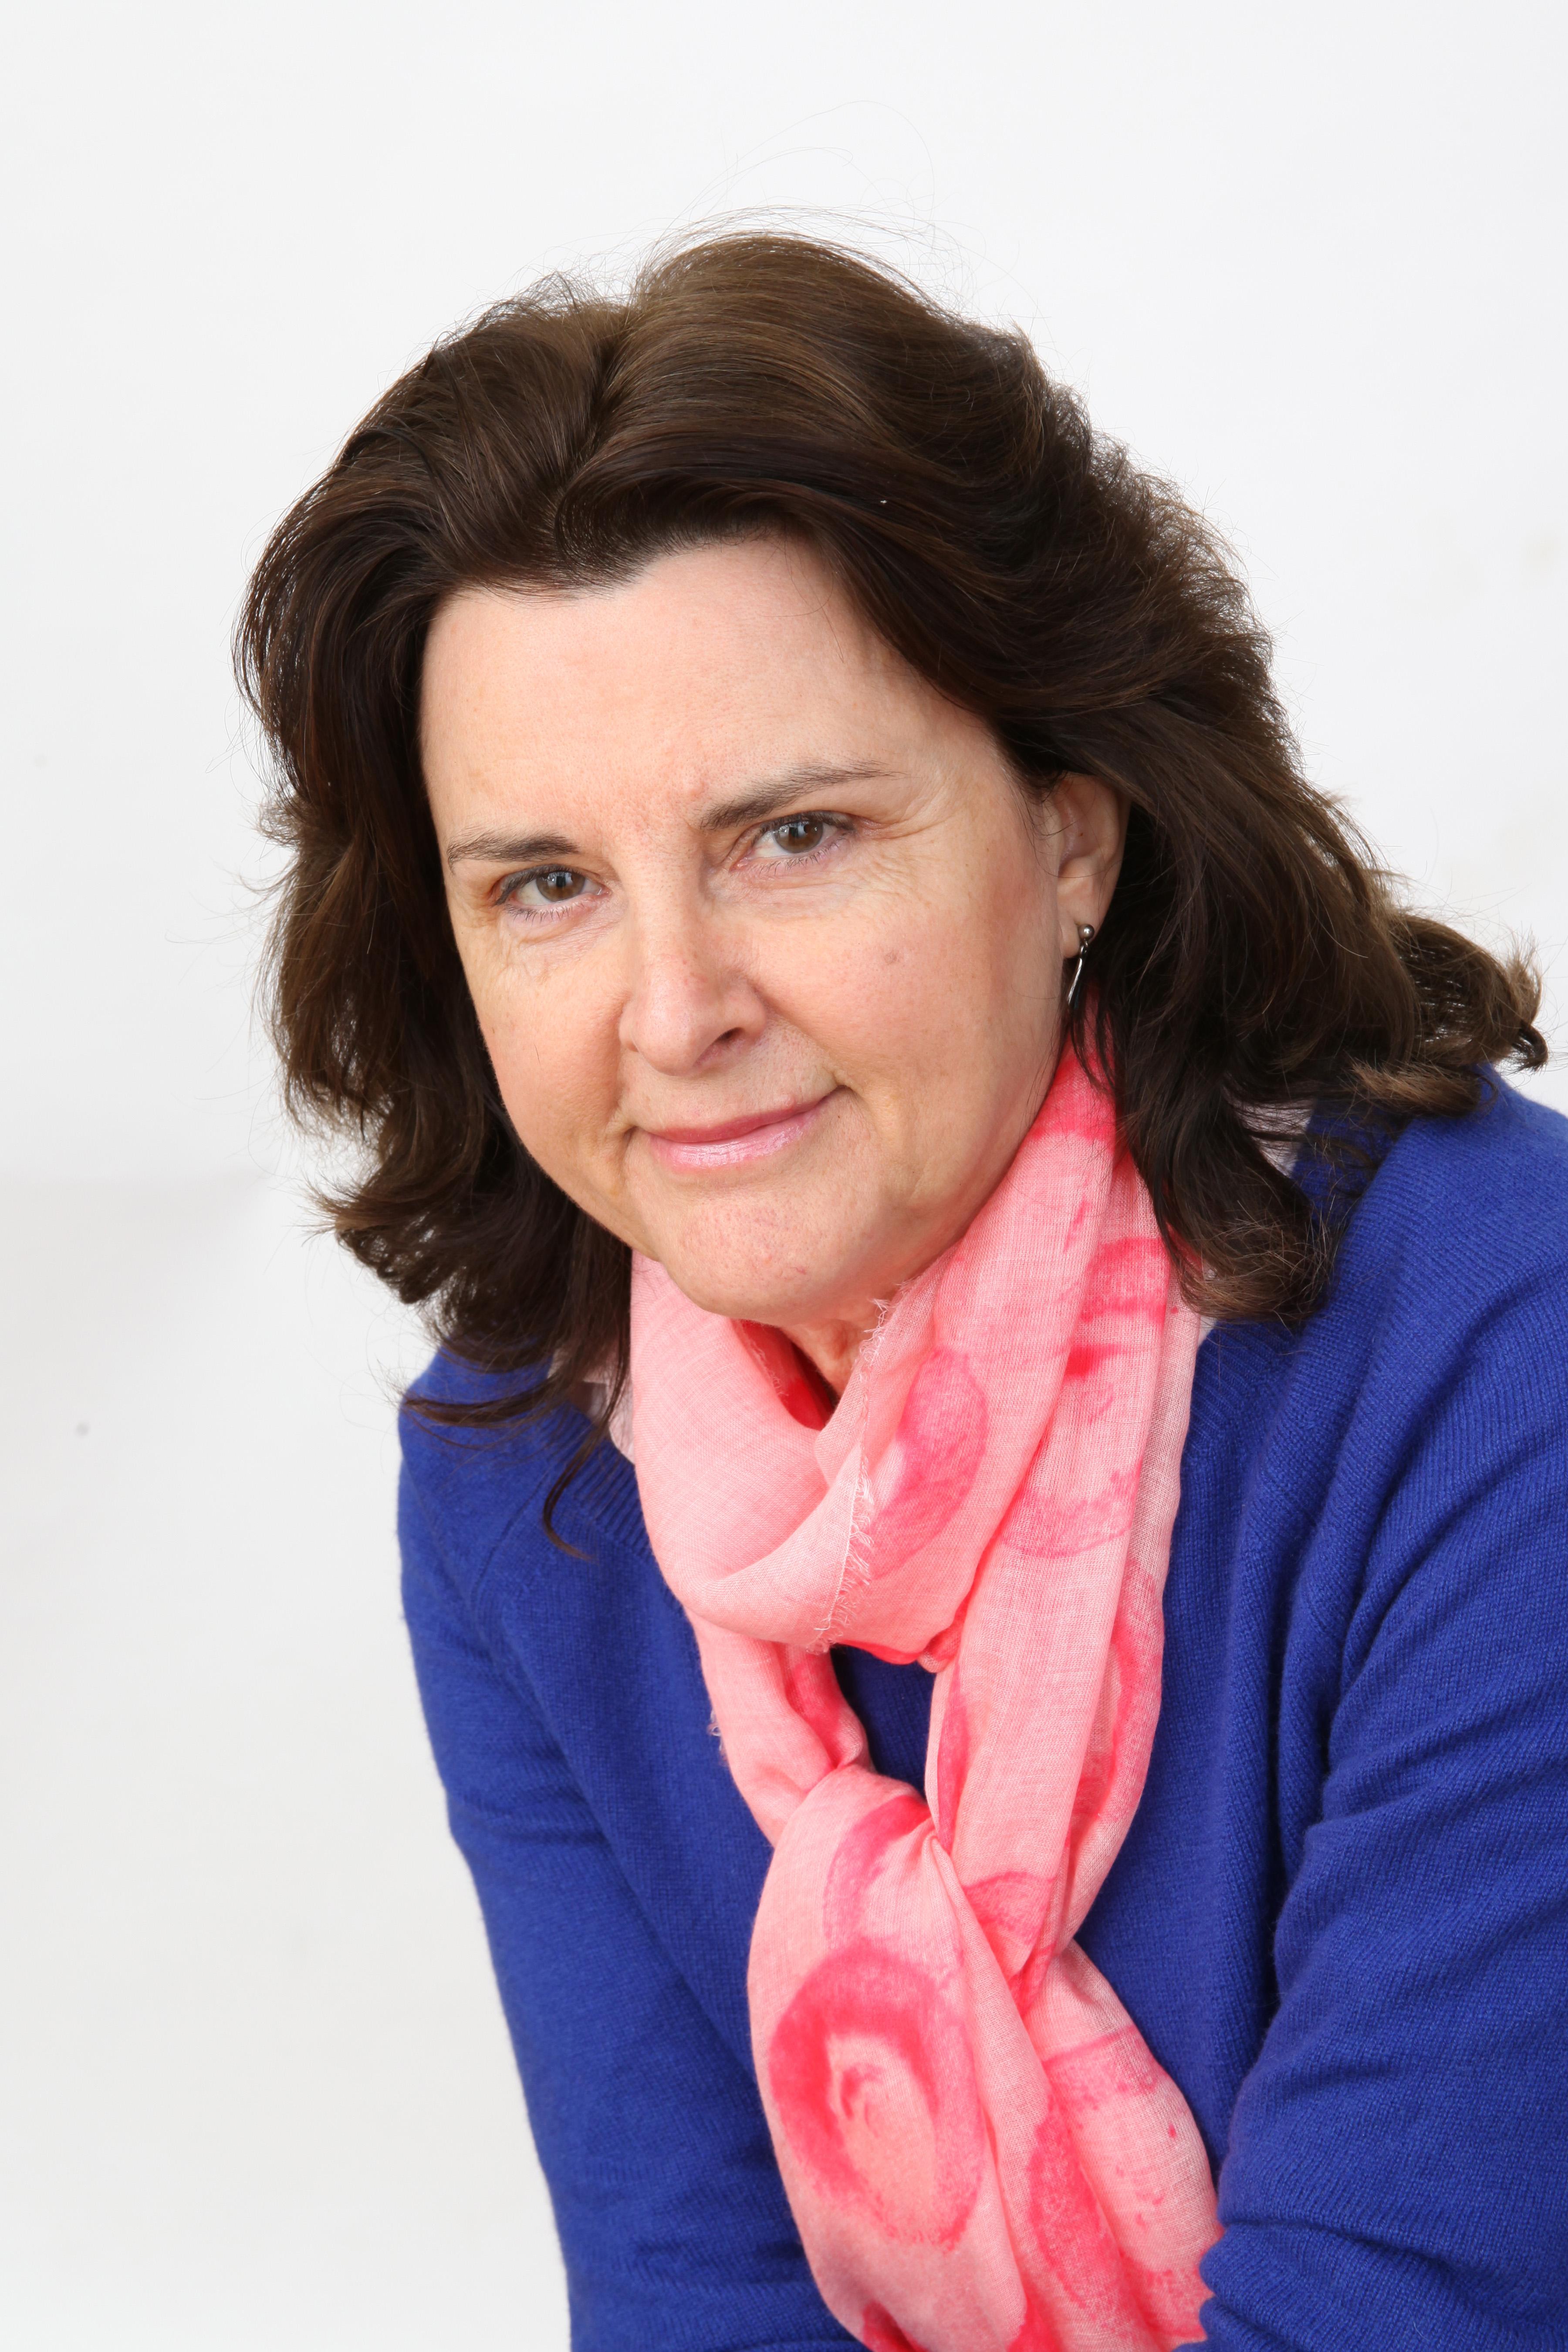 Penny Macleod